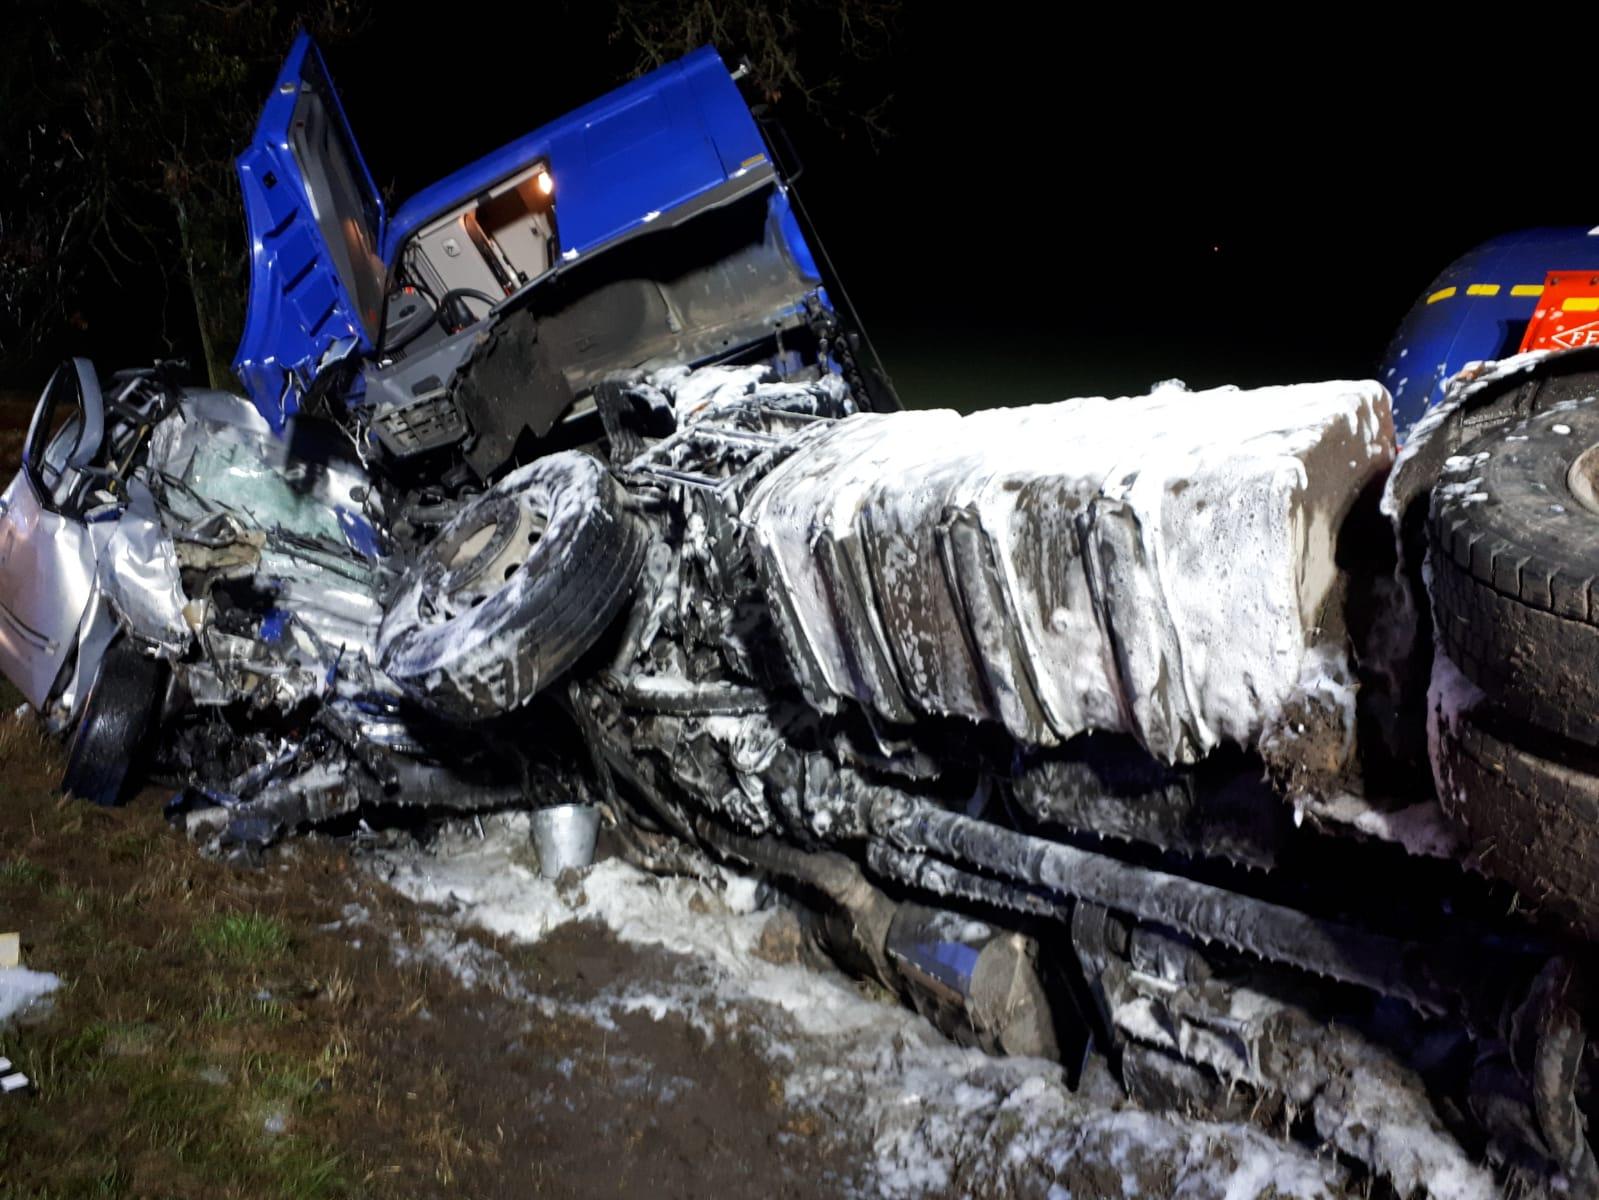 węgierki śmiertalny wypadek zginął 19-latek - KPP Września